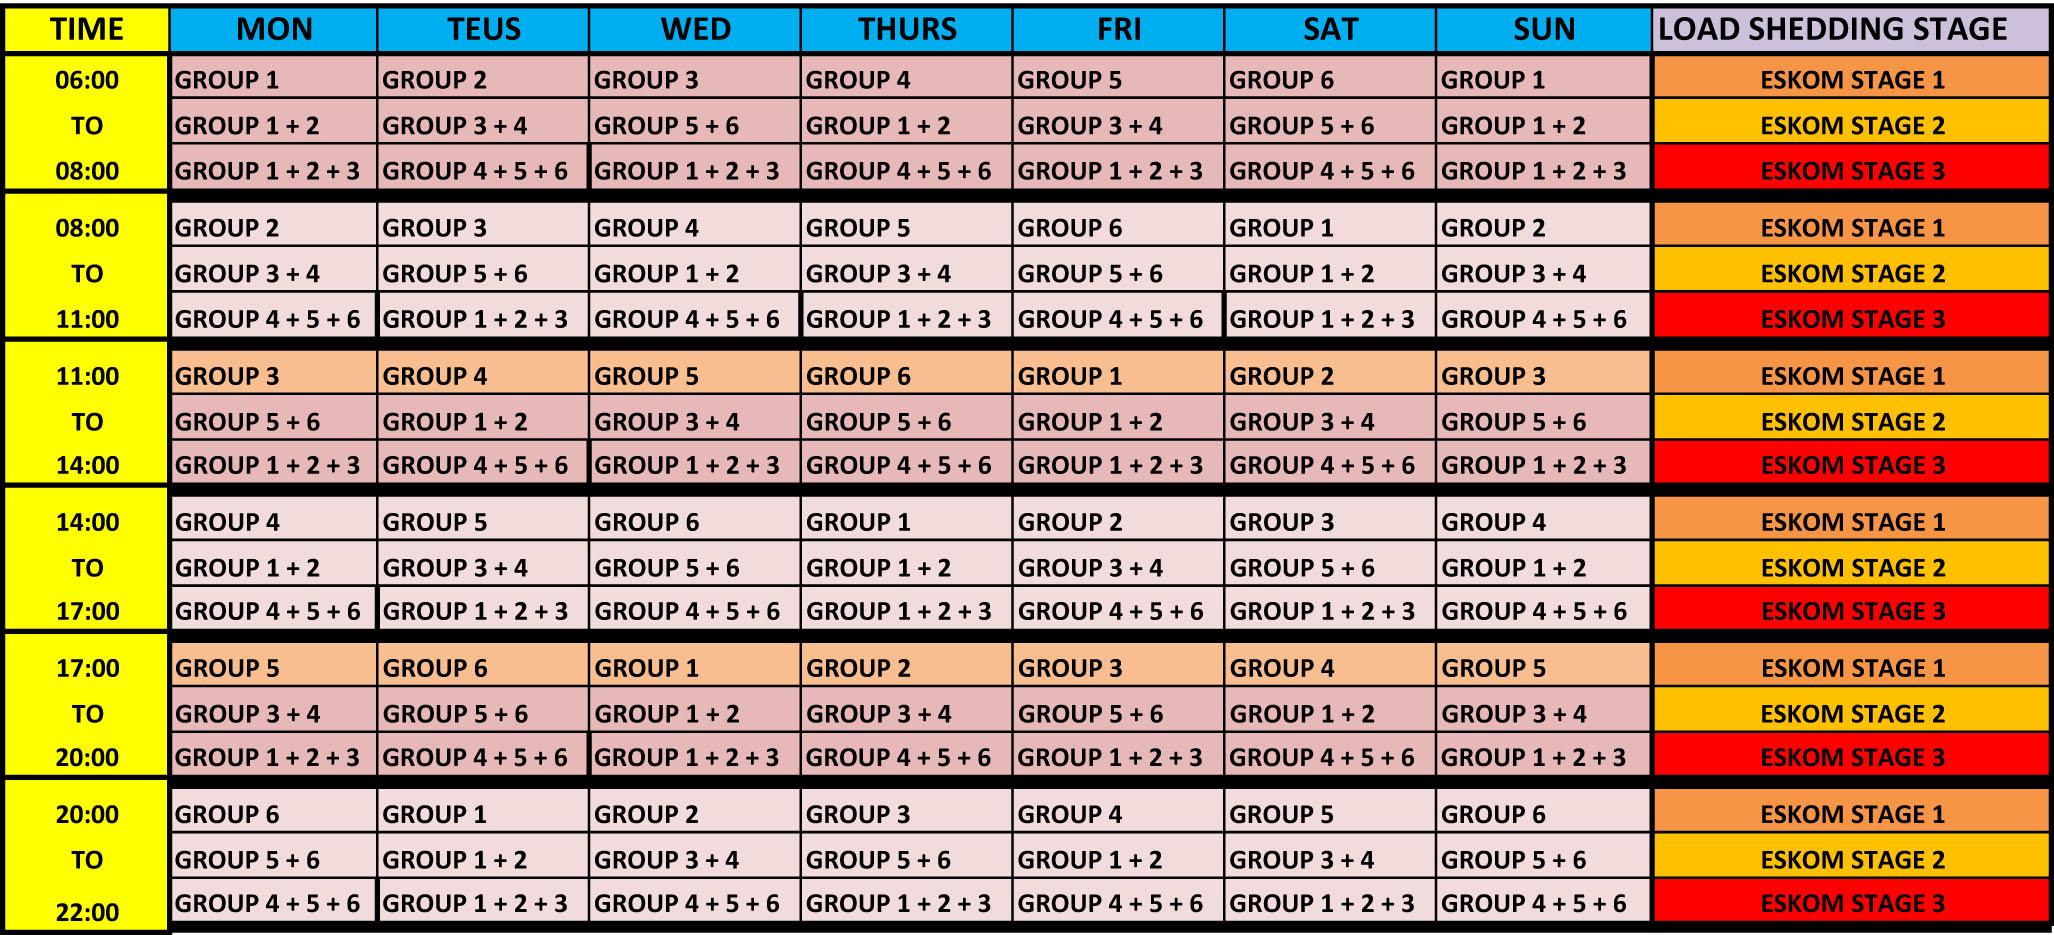 Load Shedding Eskom: Load Shedding Schedule For Rustenburg